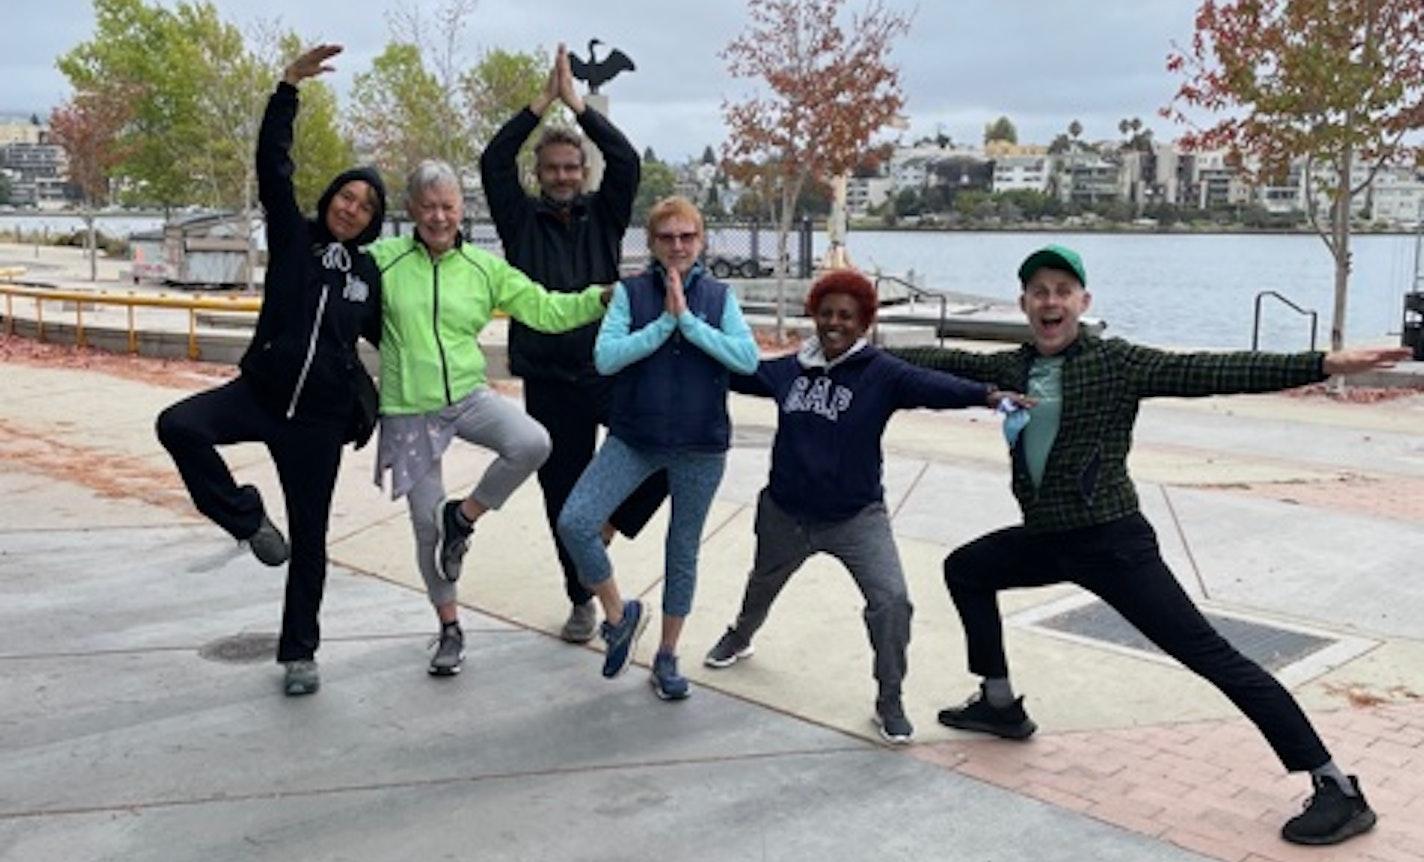 Gaia-love Yoga @ Lake Merritt in Oakland, CA